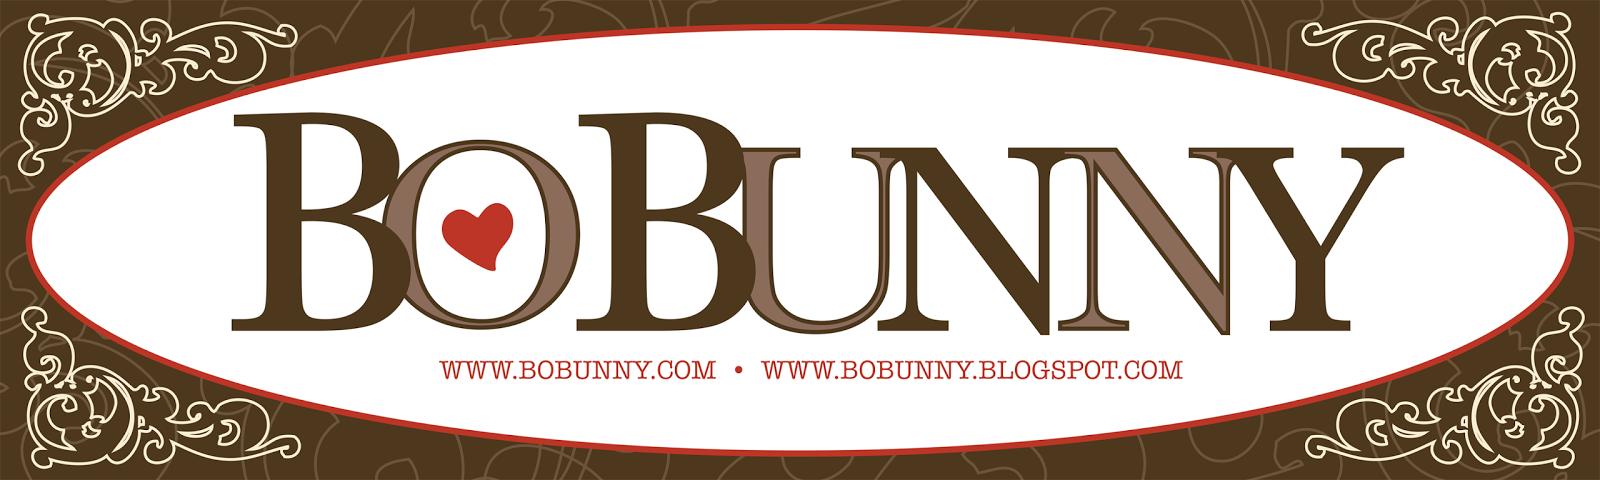 http://bobunny.blogspot.com/